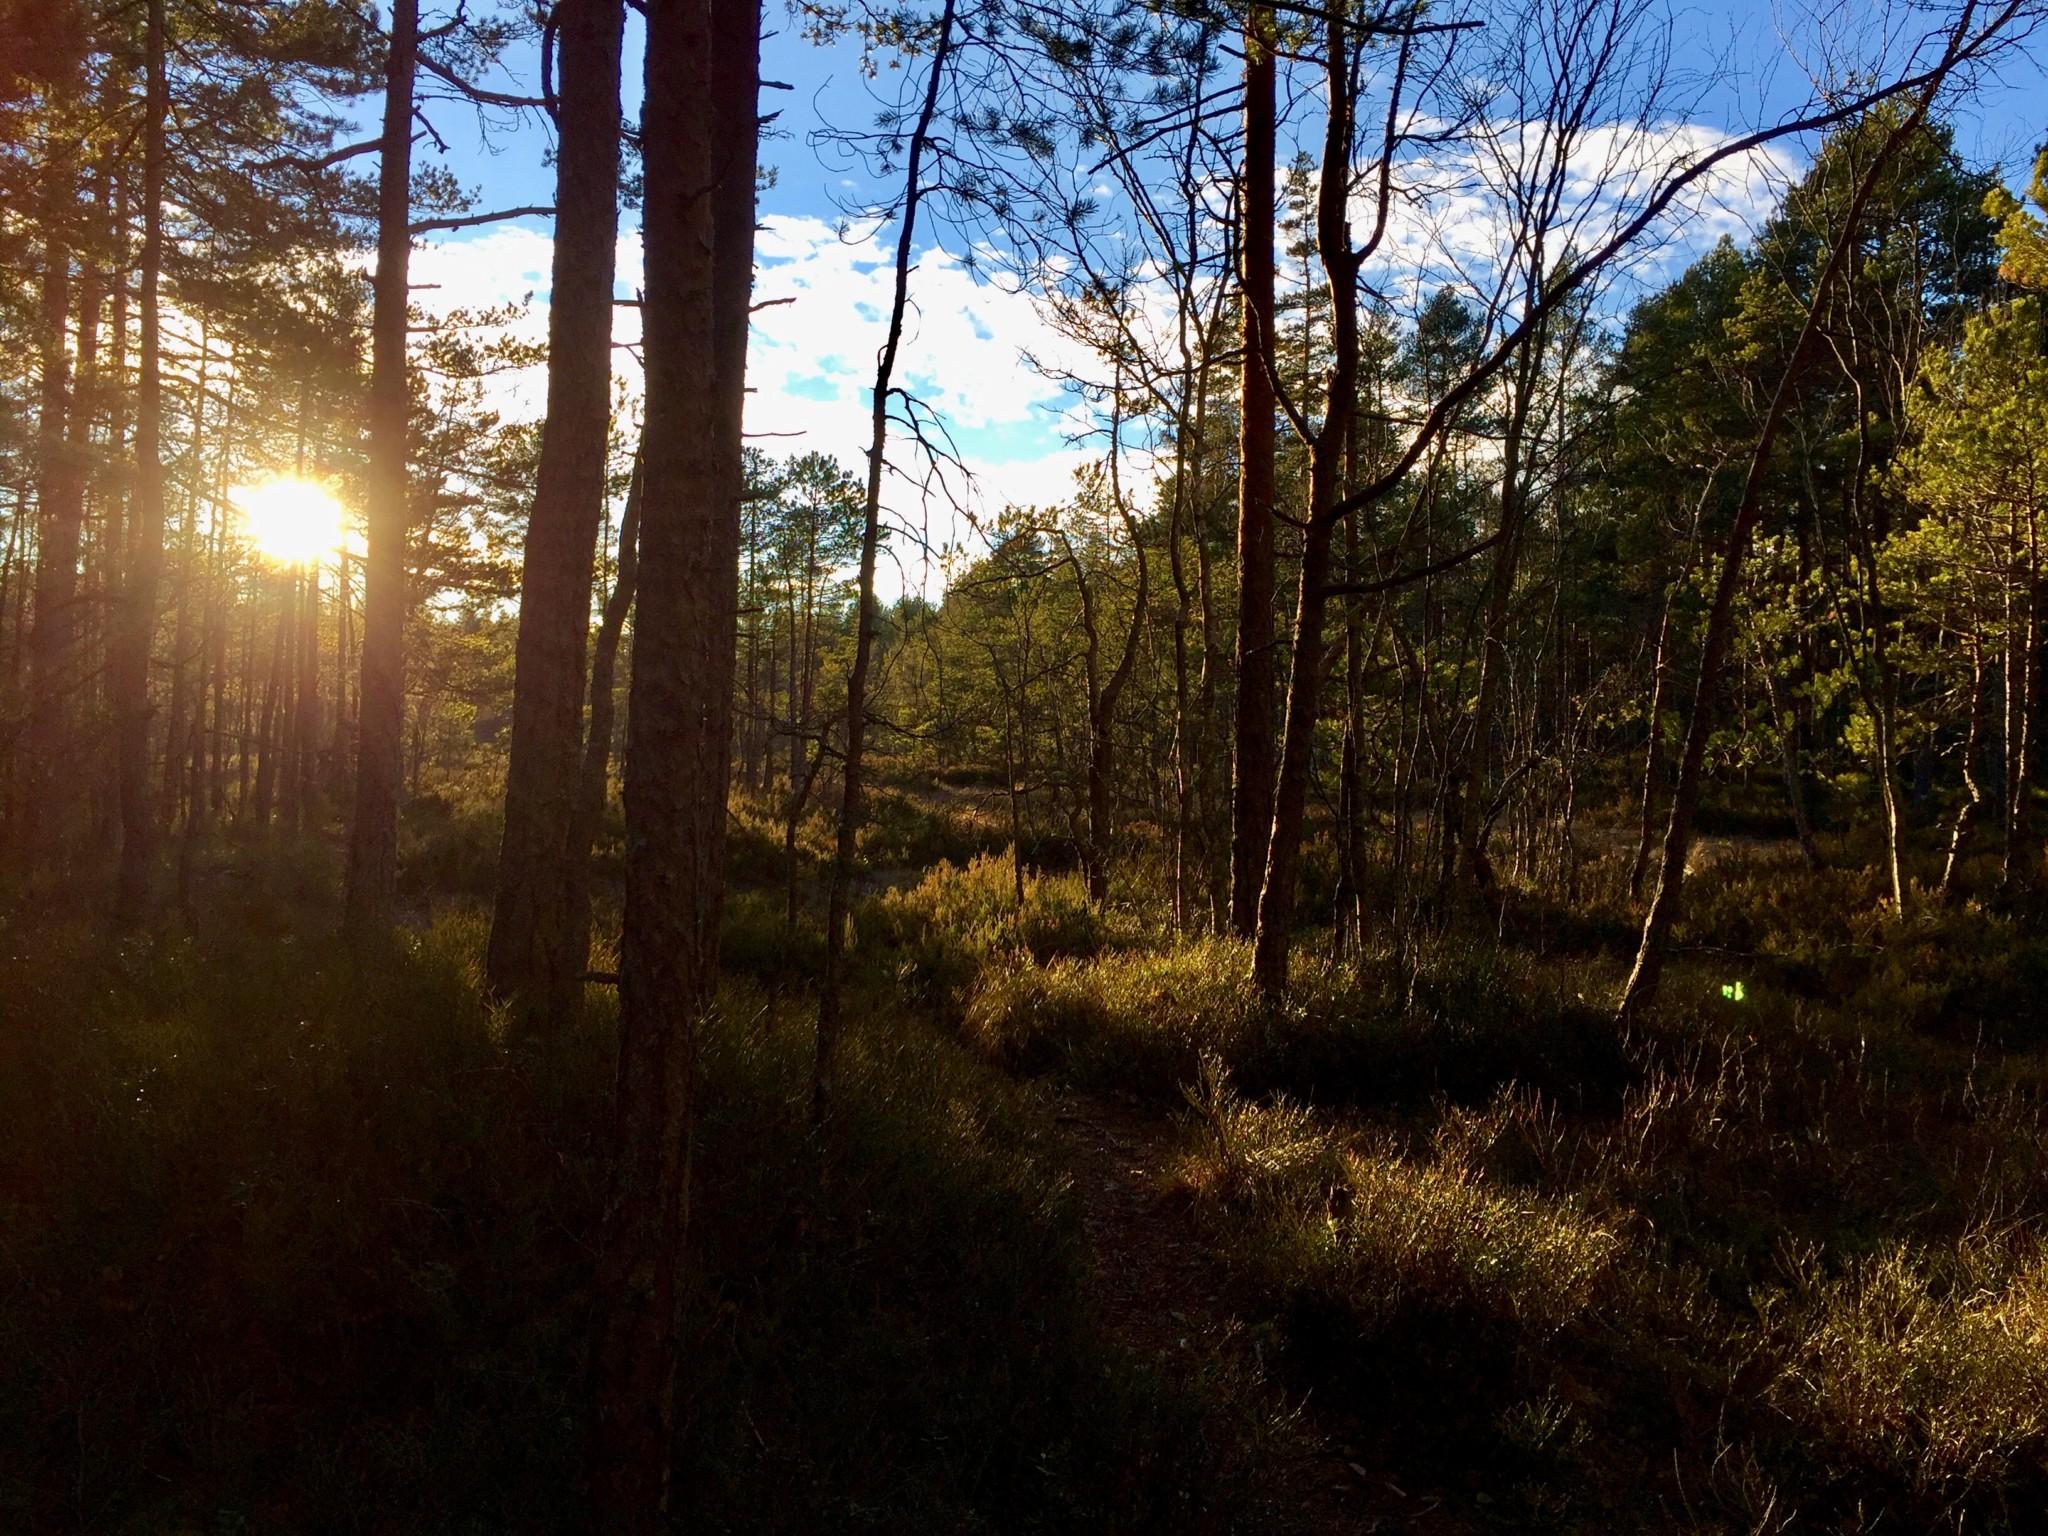 forest-skog-nesodden